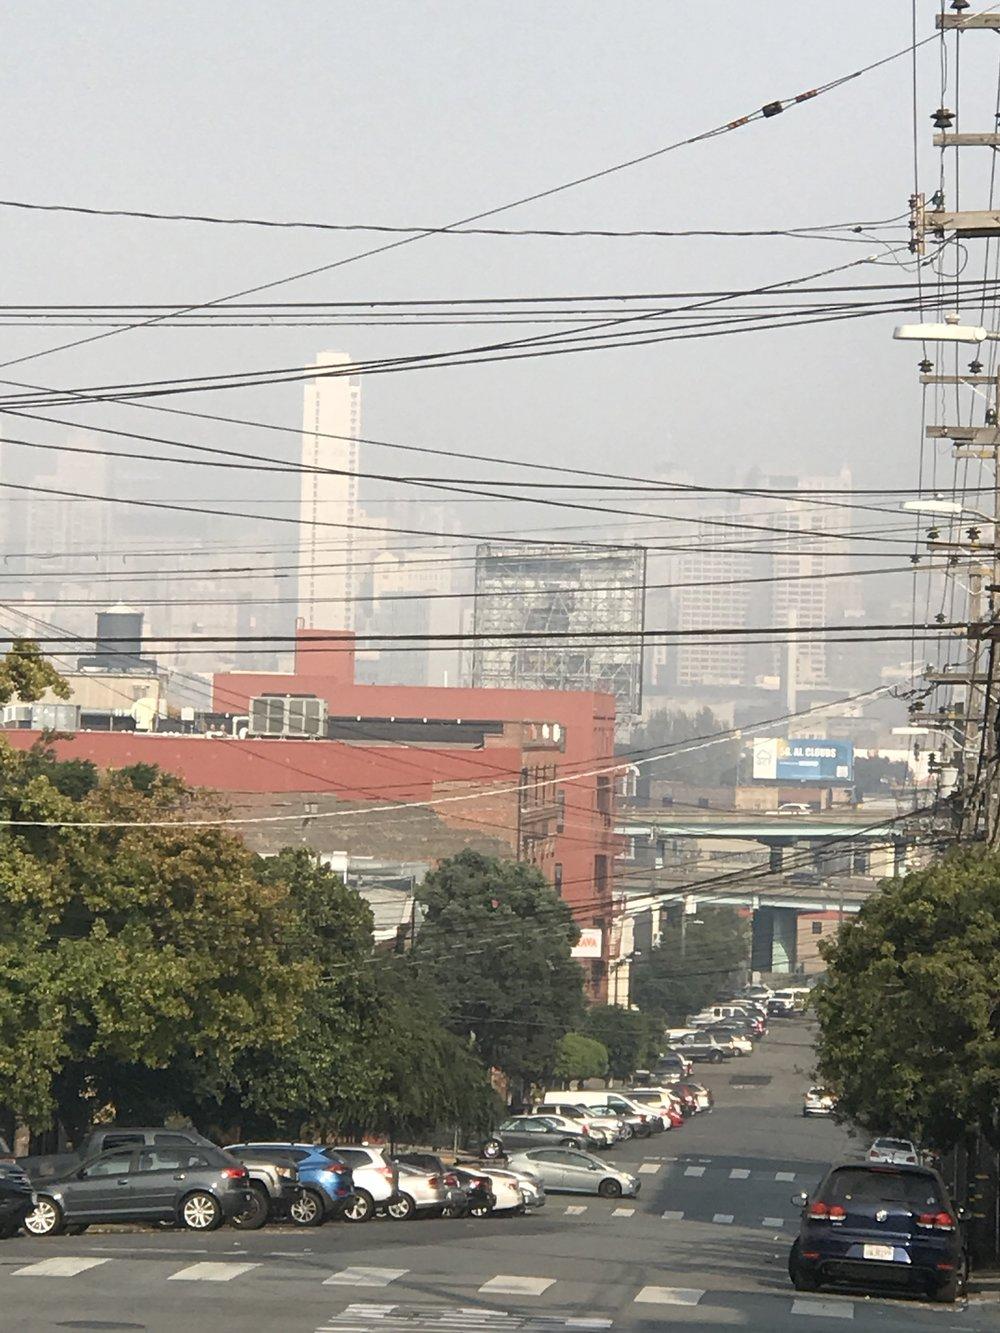 Unhealthy air quality, SF 11-14-2018